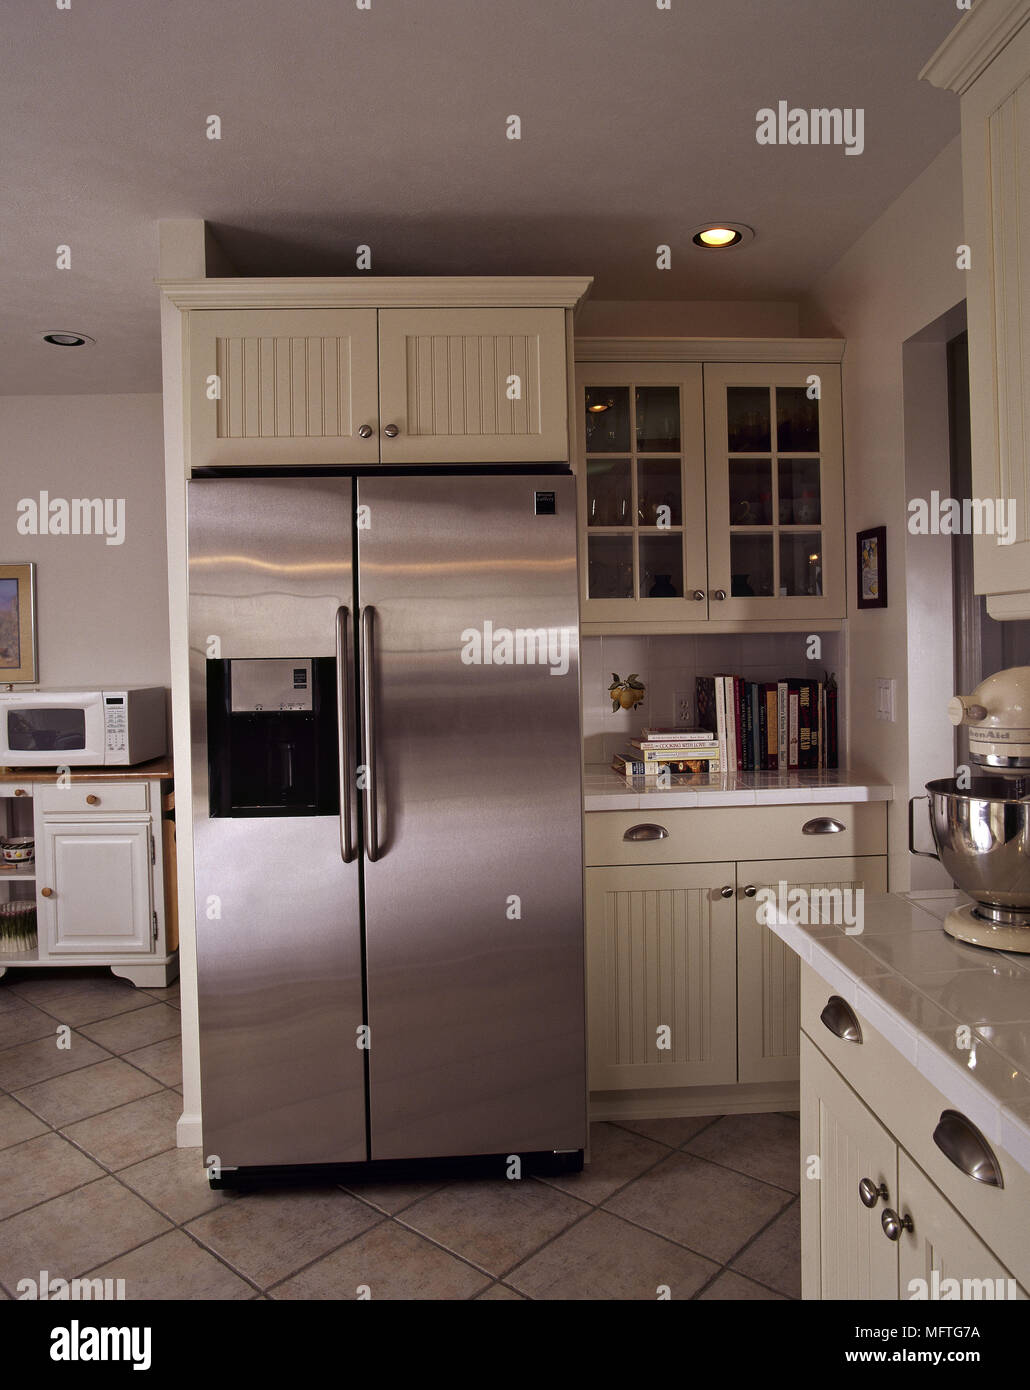 Moderne Küche creme Einheiten Edelstahl Kühlschrank Interieur küchen ...